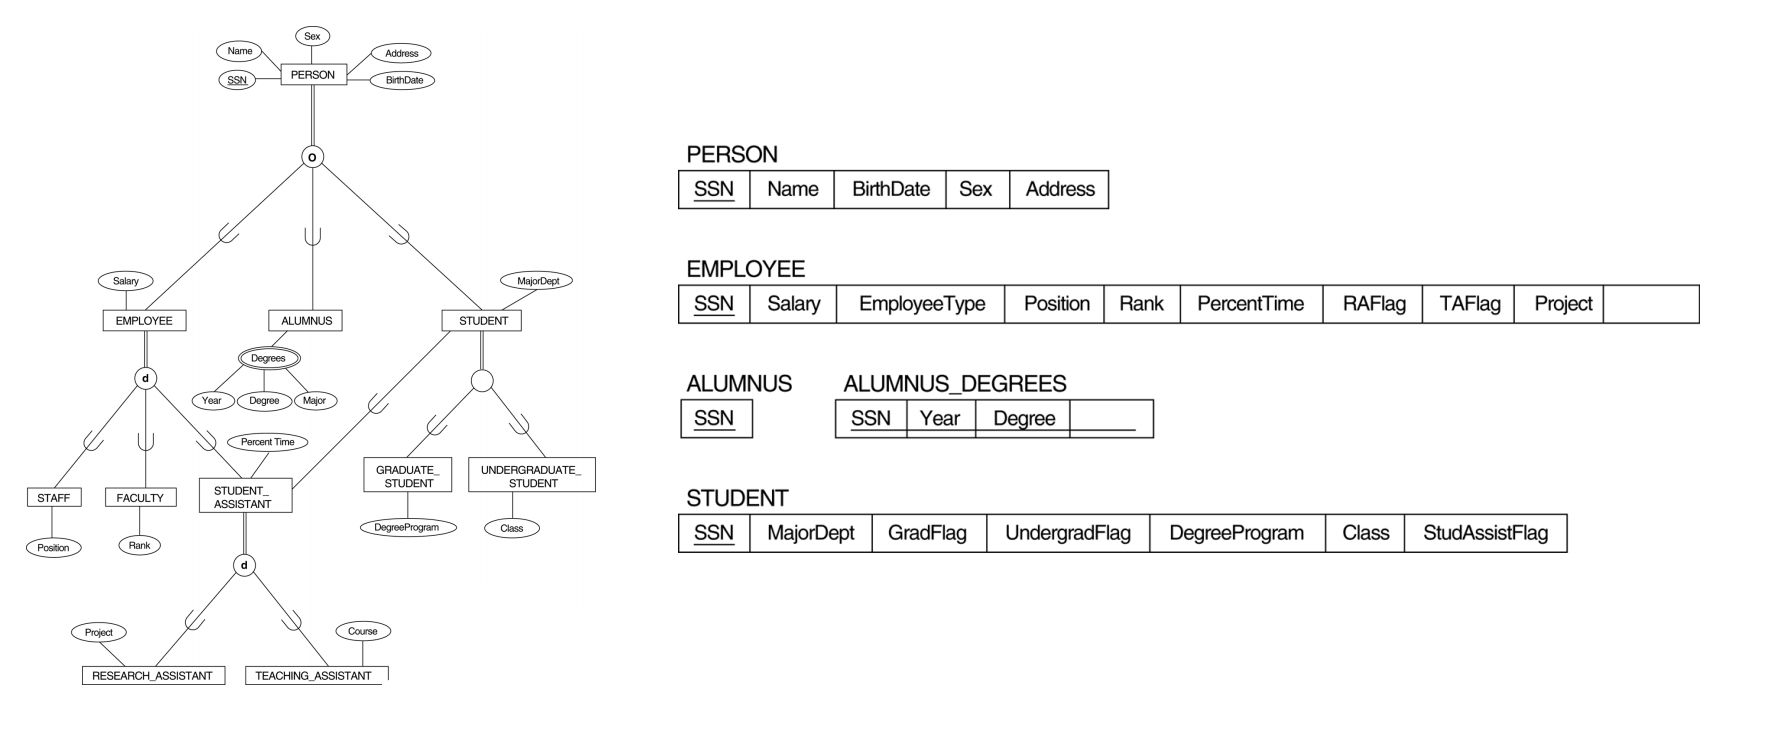 Multiple Inheritance Er Model - Stack Overflow intended for Er Diagram Inheritance